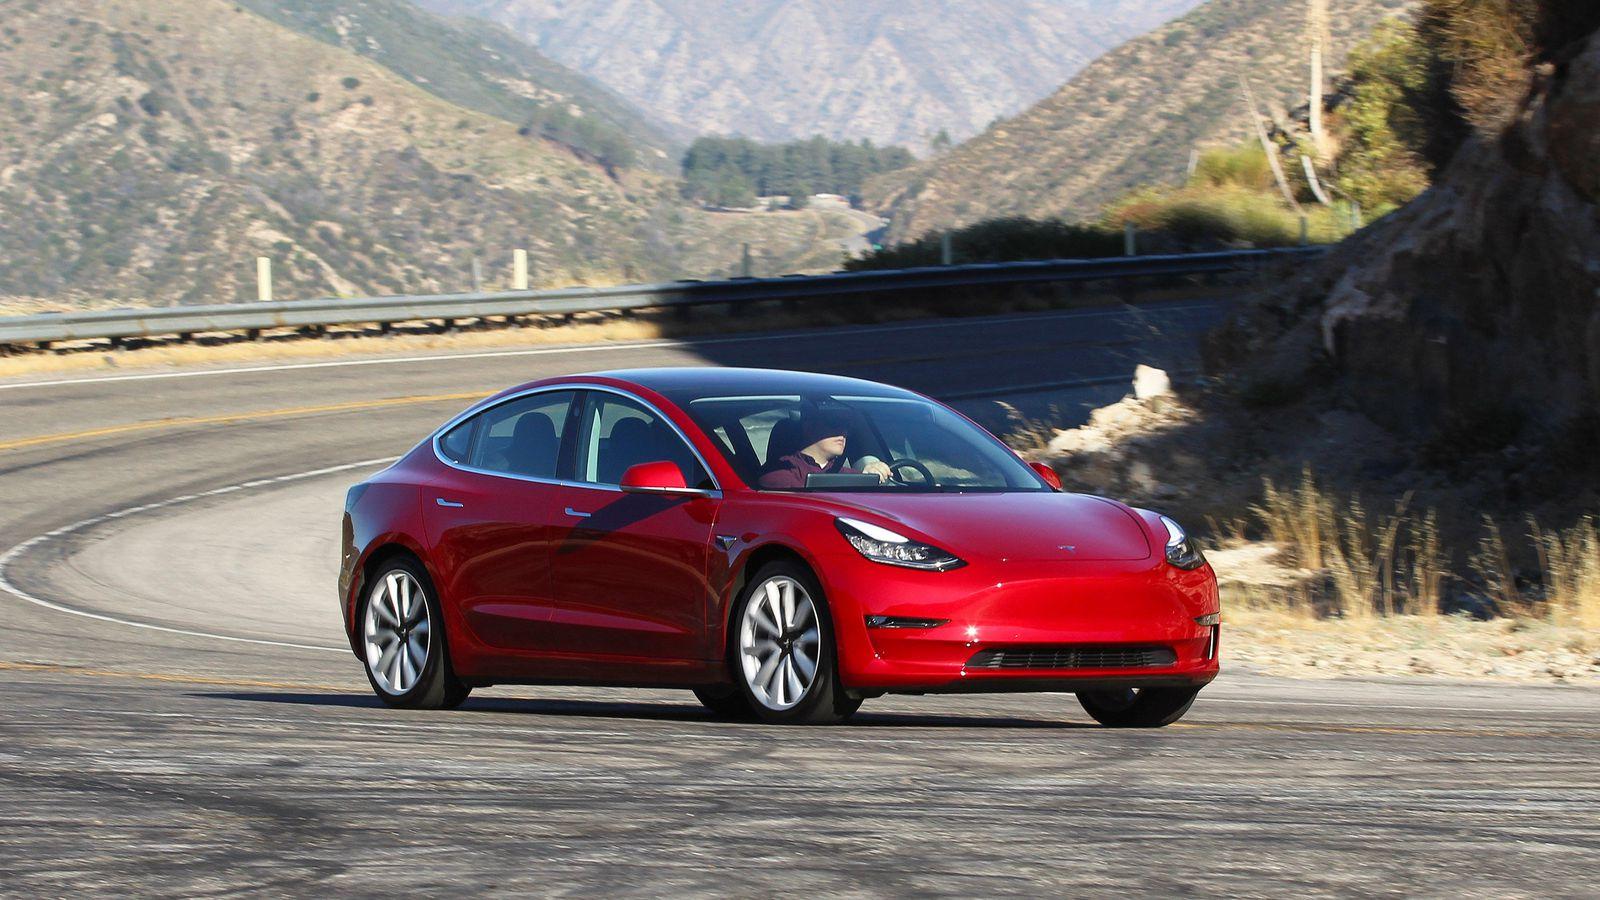 分析師:特斯拉Model 3退訂量超過了新預定量-新浪汽車